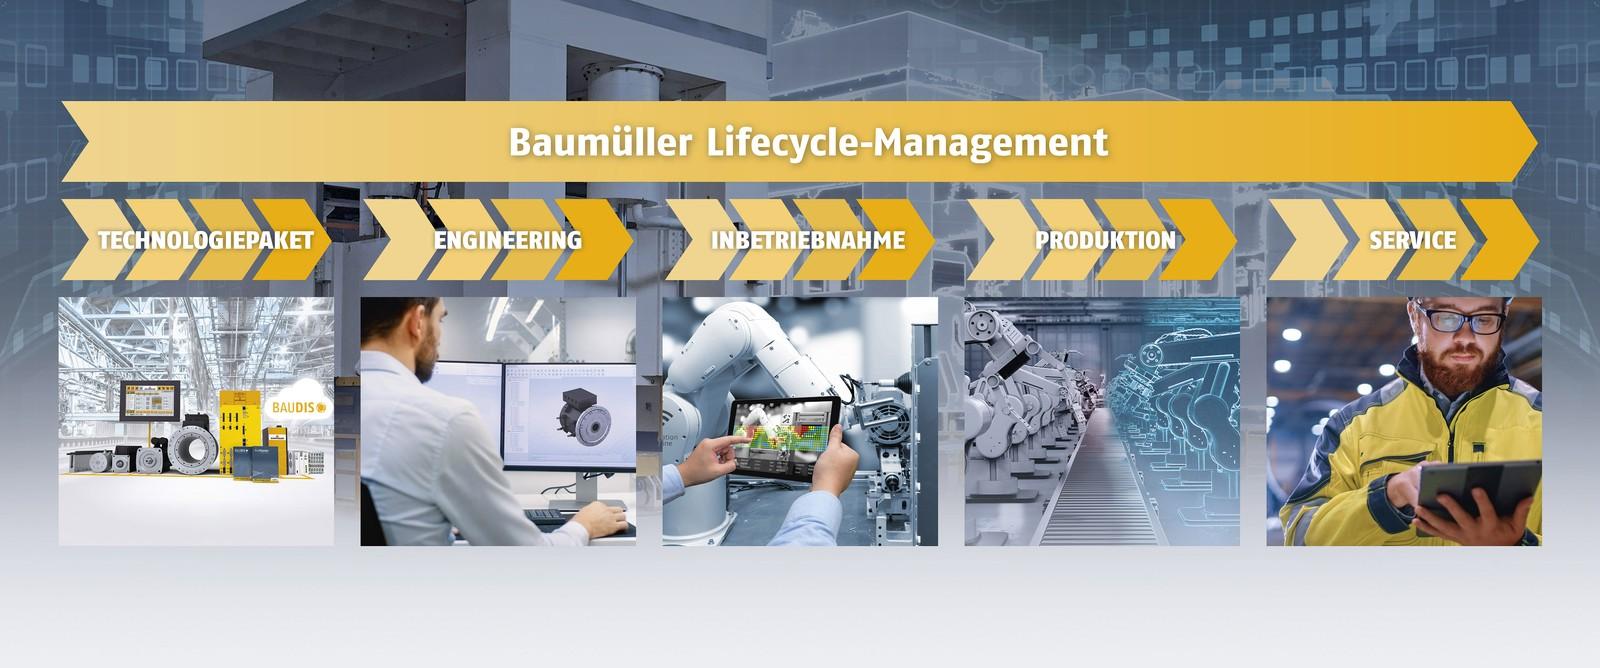 Die Baumüller Gruppe ist Komplettanbieter für Automatisierungs- und Antriebssysteme. Das Unternehmen verfügt über ein eigenes Produkt- und Lösungsprogramm für das gesamte Lifecycle Management.